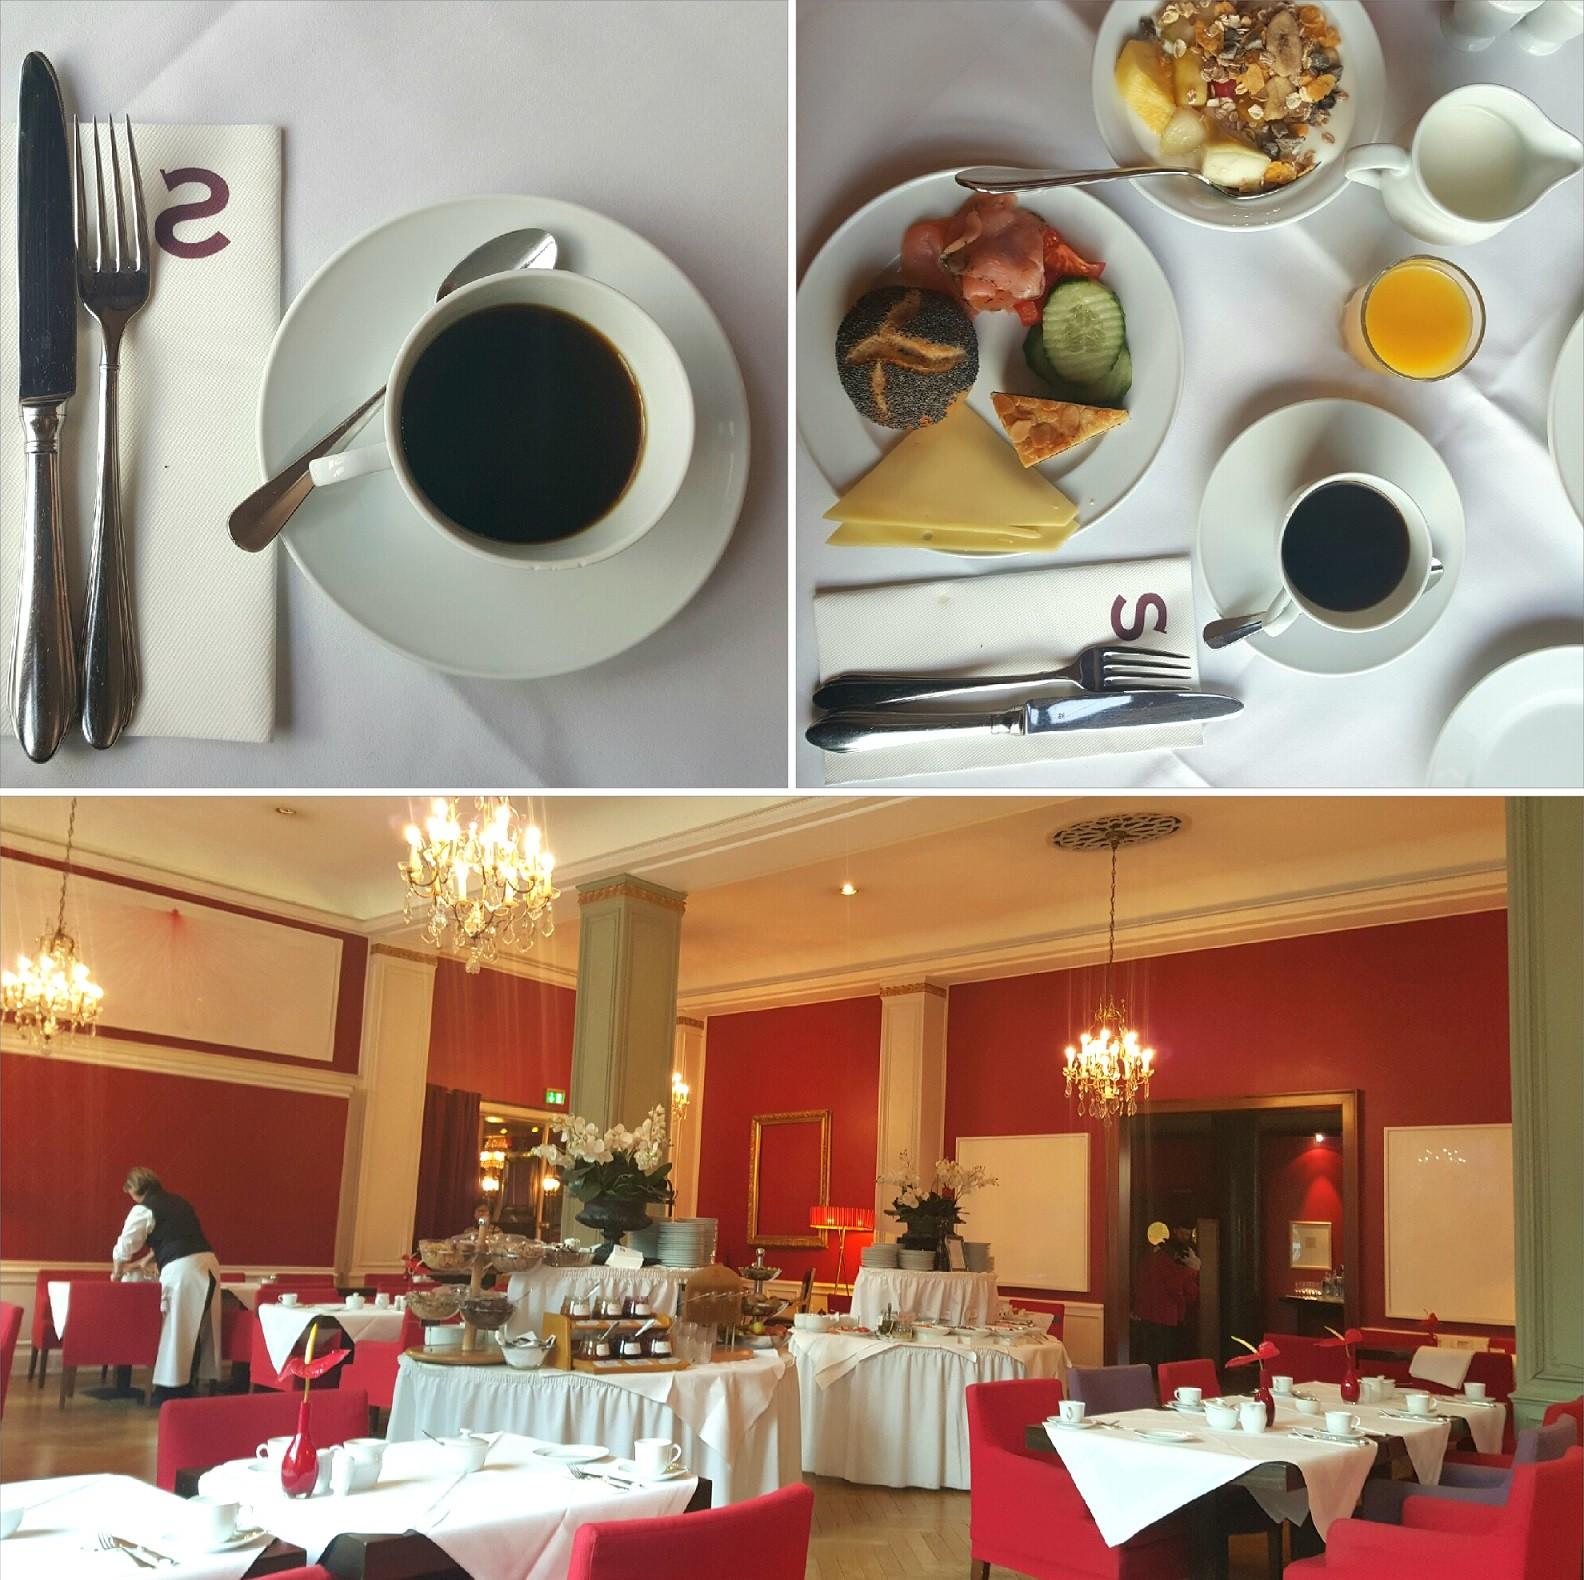 Aamiainen Savoy Hotelissa. Kuva: © Paula Hotti.